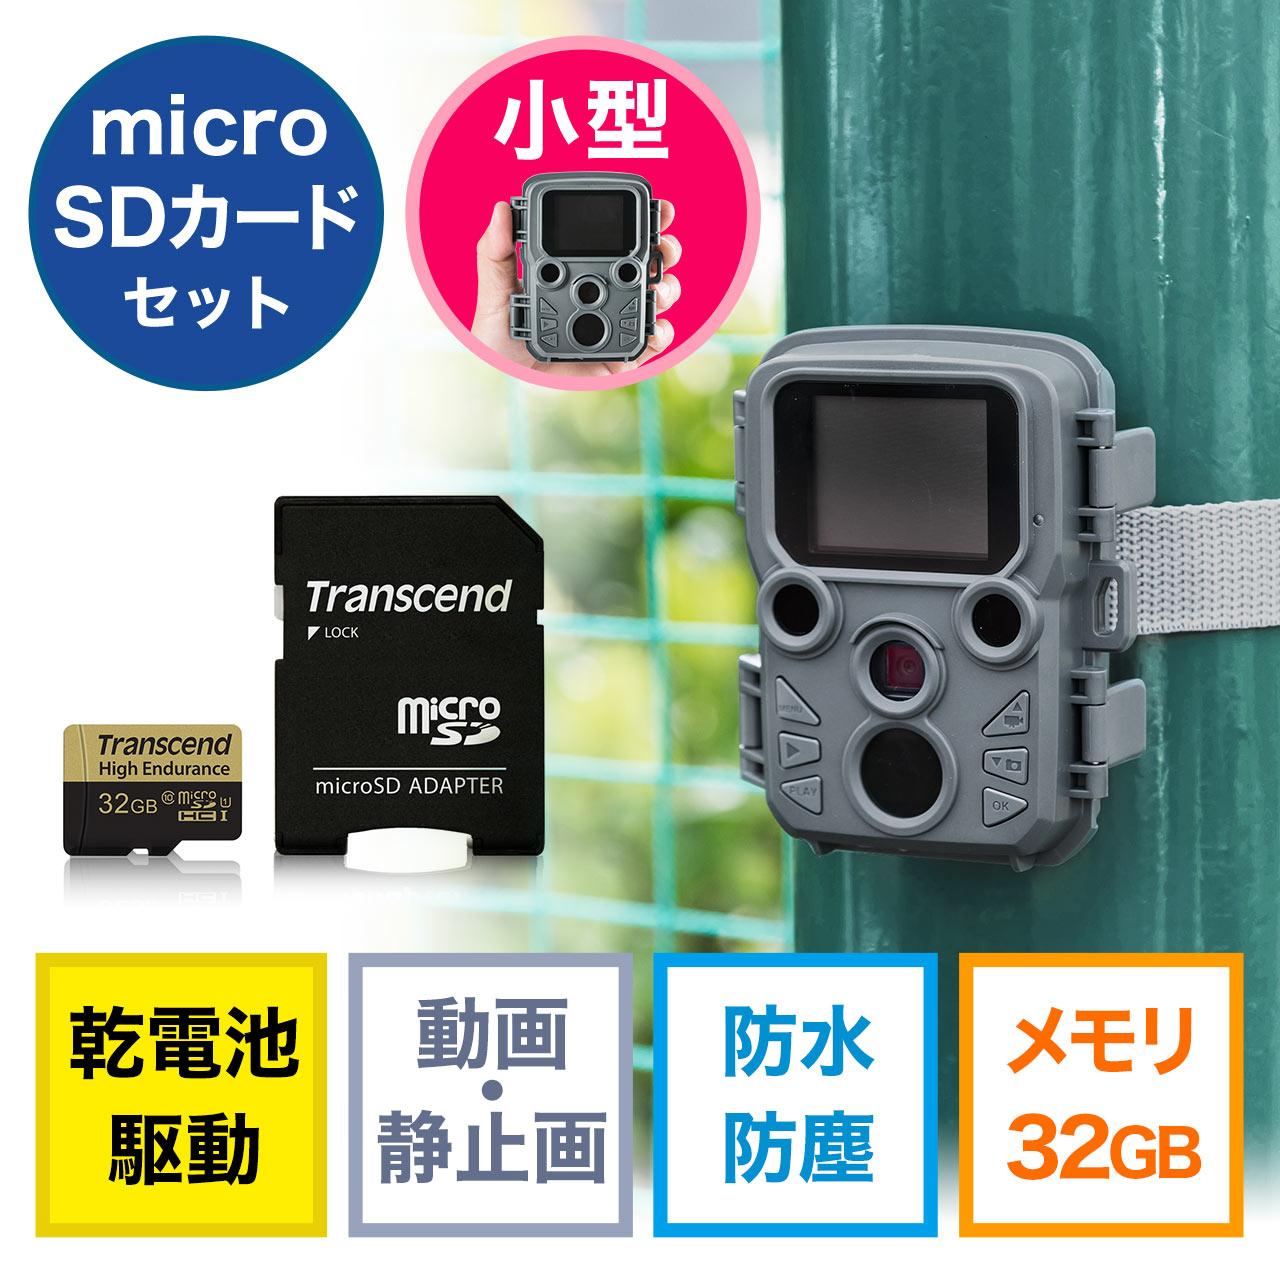 防犯カメラ トレイルカメラ(小型:家庭用・屋外・屋内・電源不要・乾電池式・防水防塵IP56・32GB microSDHCカード付き) サンワダイレクト サンワサプライ 402-CAM066SET